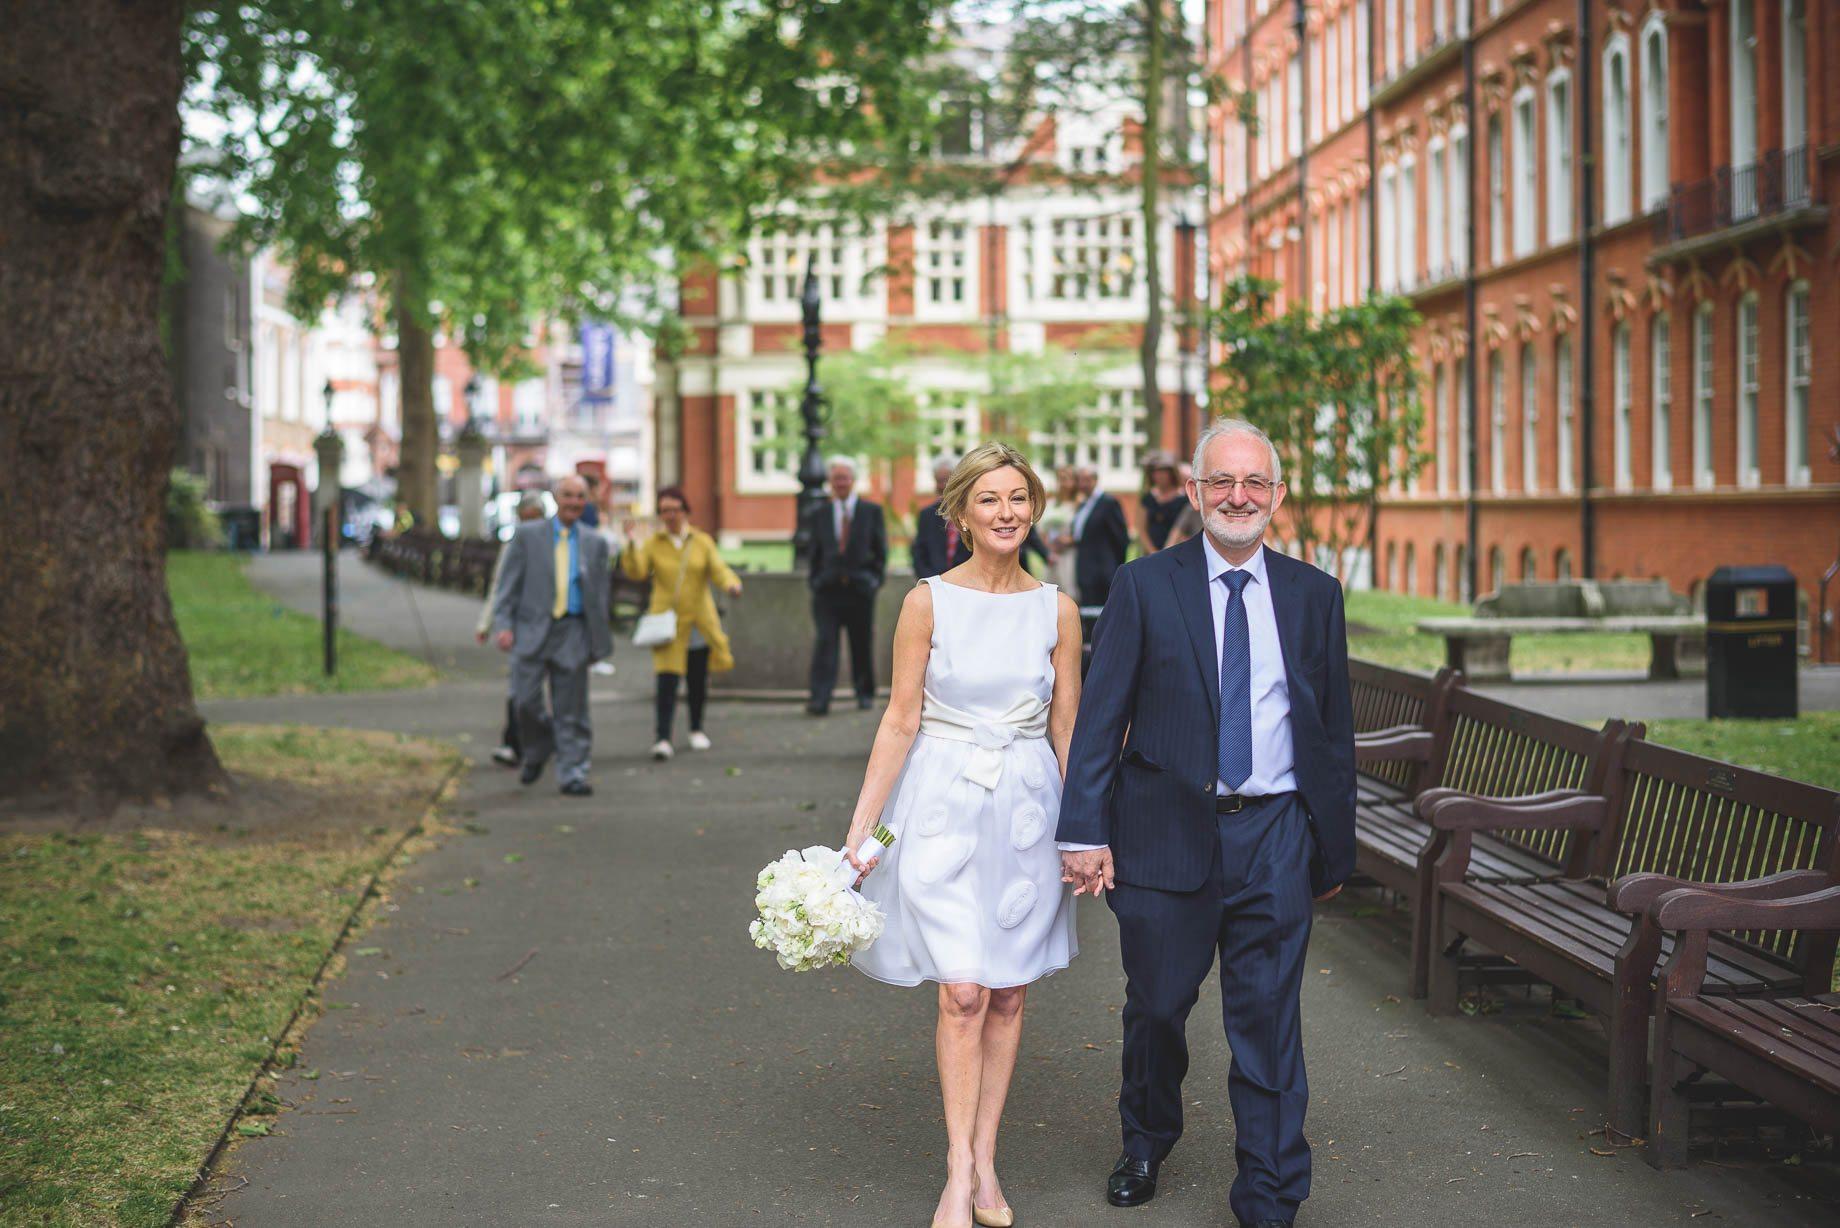 Mayfair wedding photography - Allison and Eugene (58 of 94)